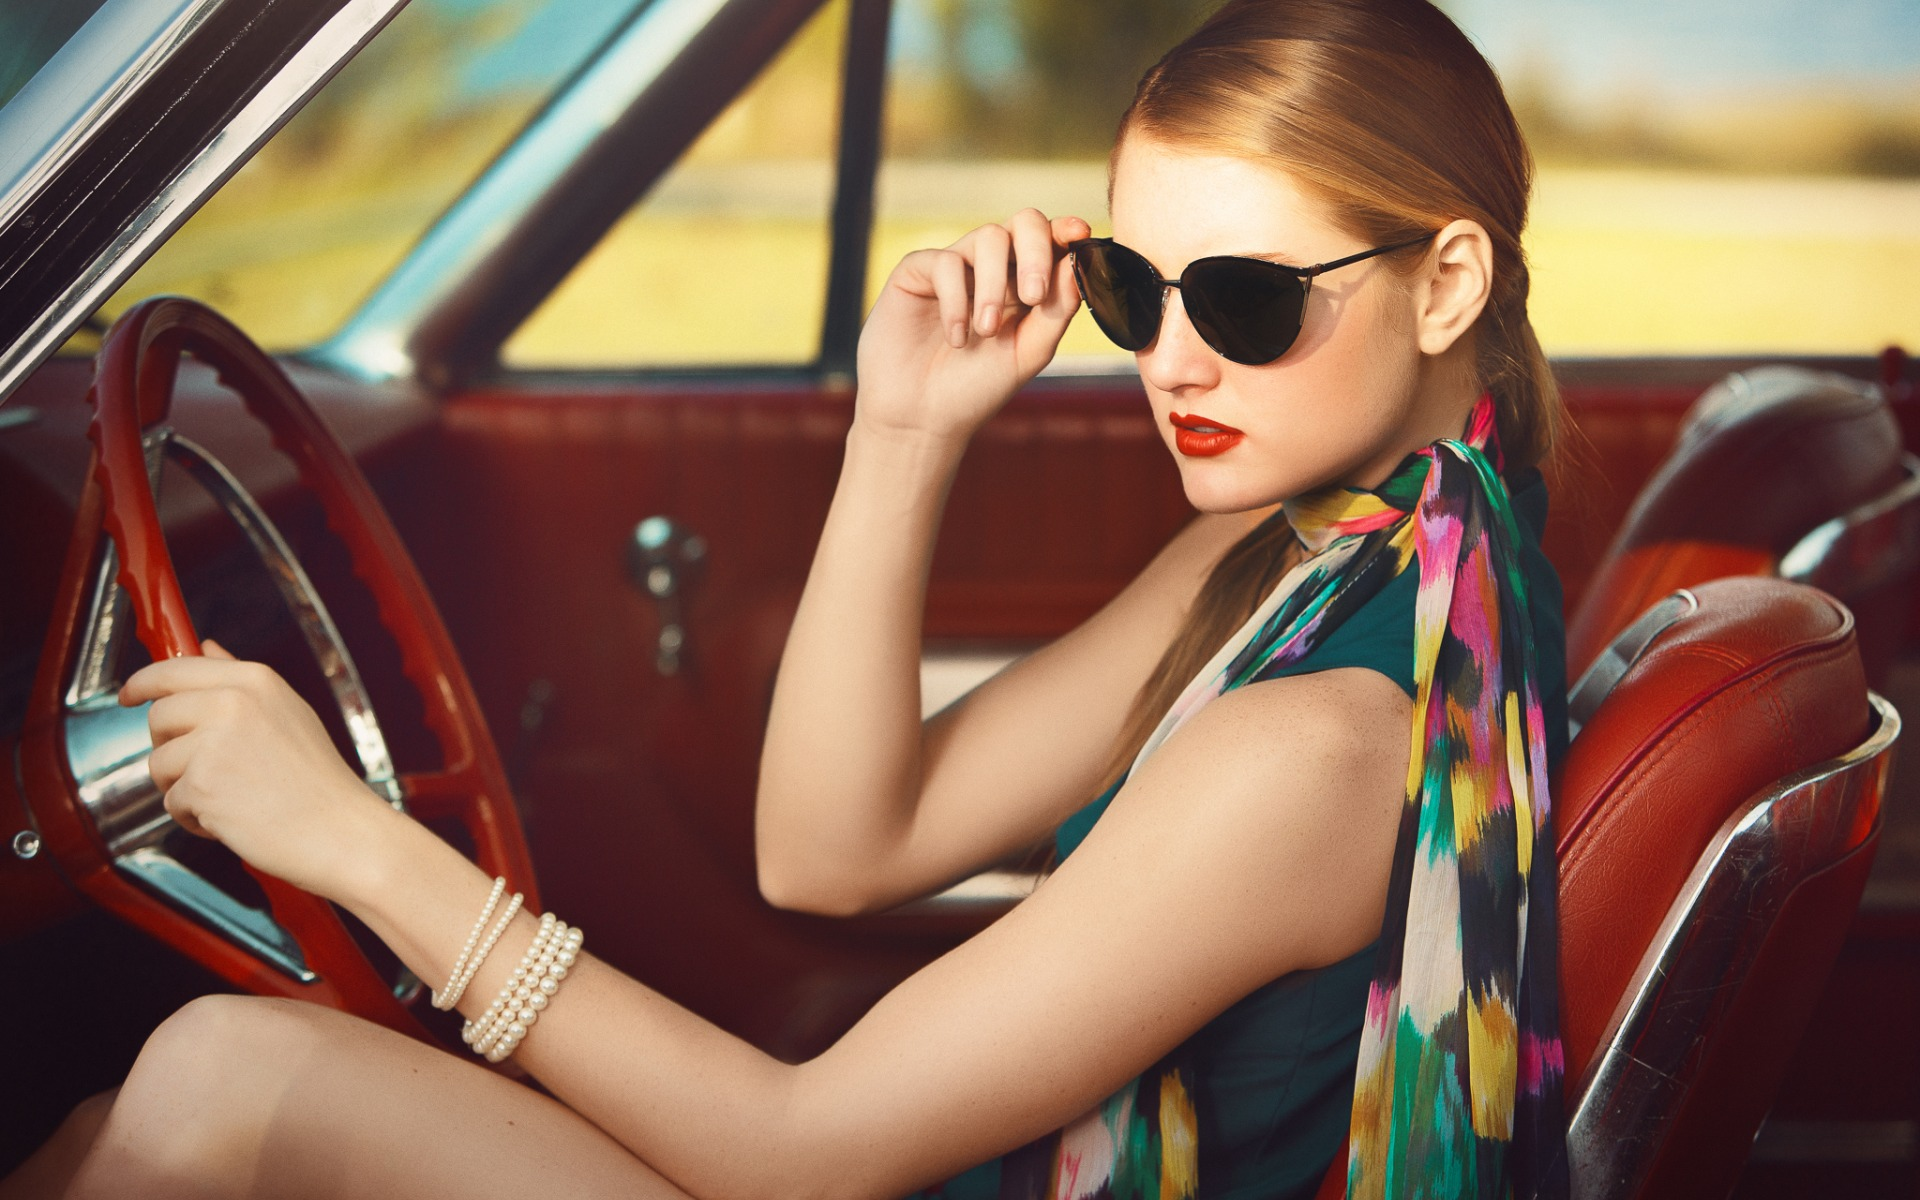 Гламурные картинки девушек на машине